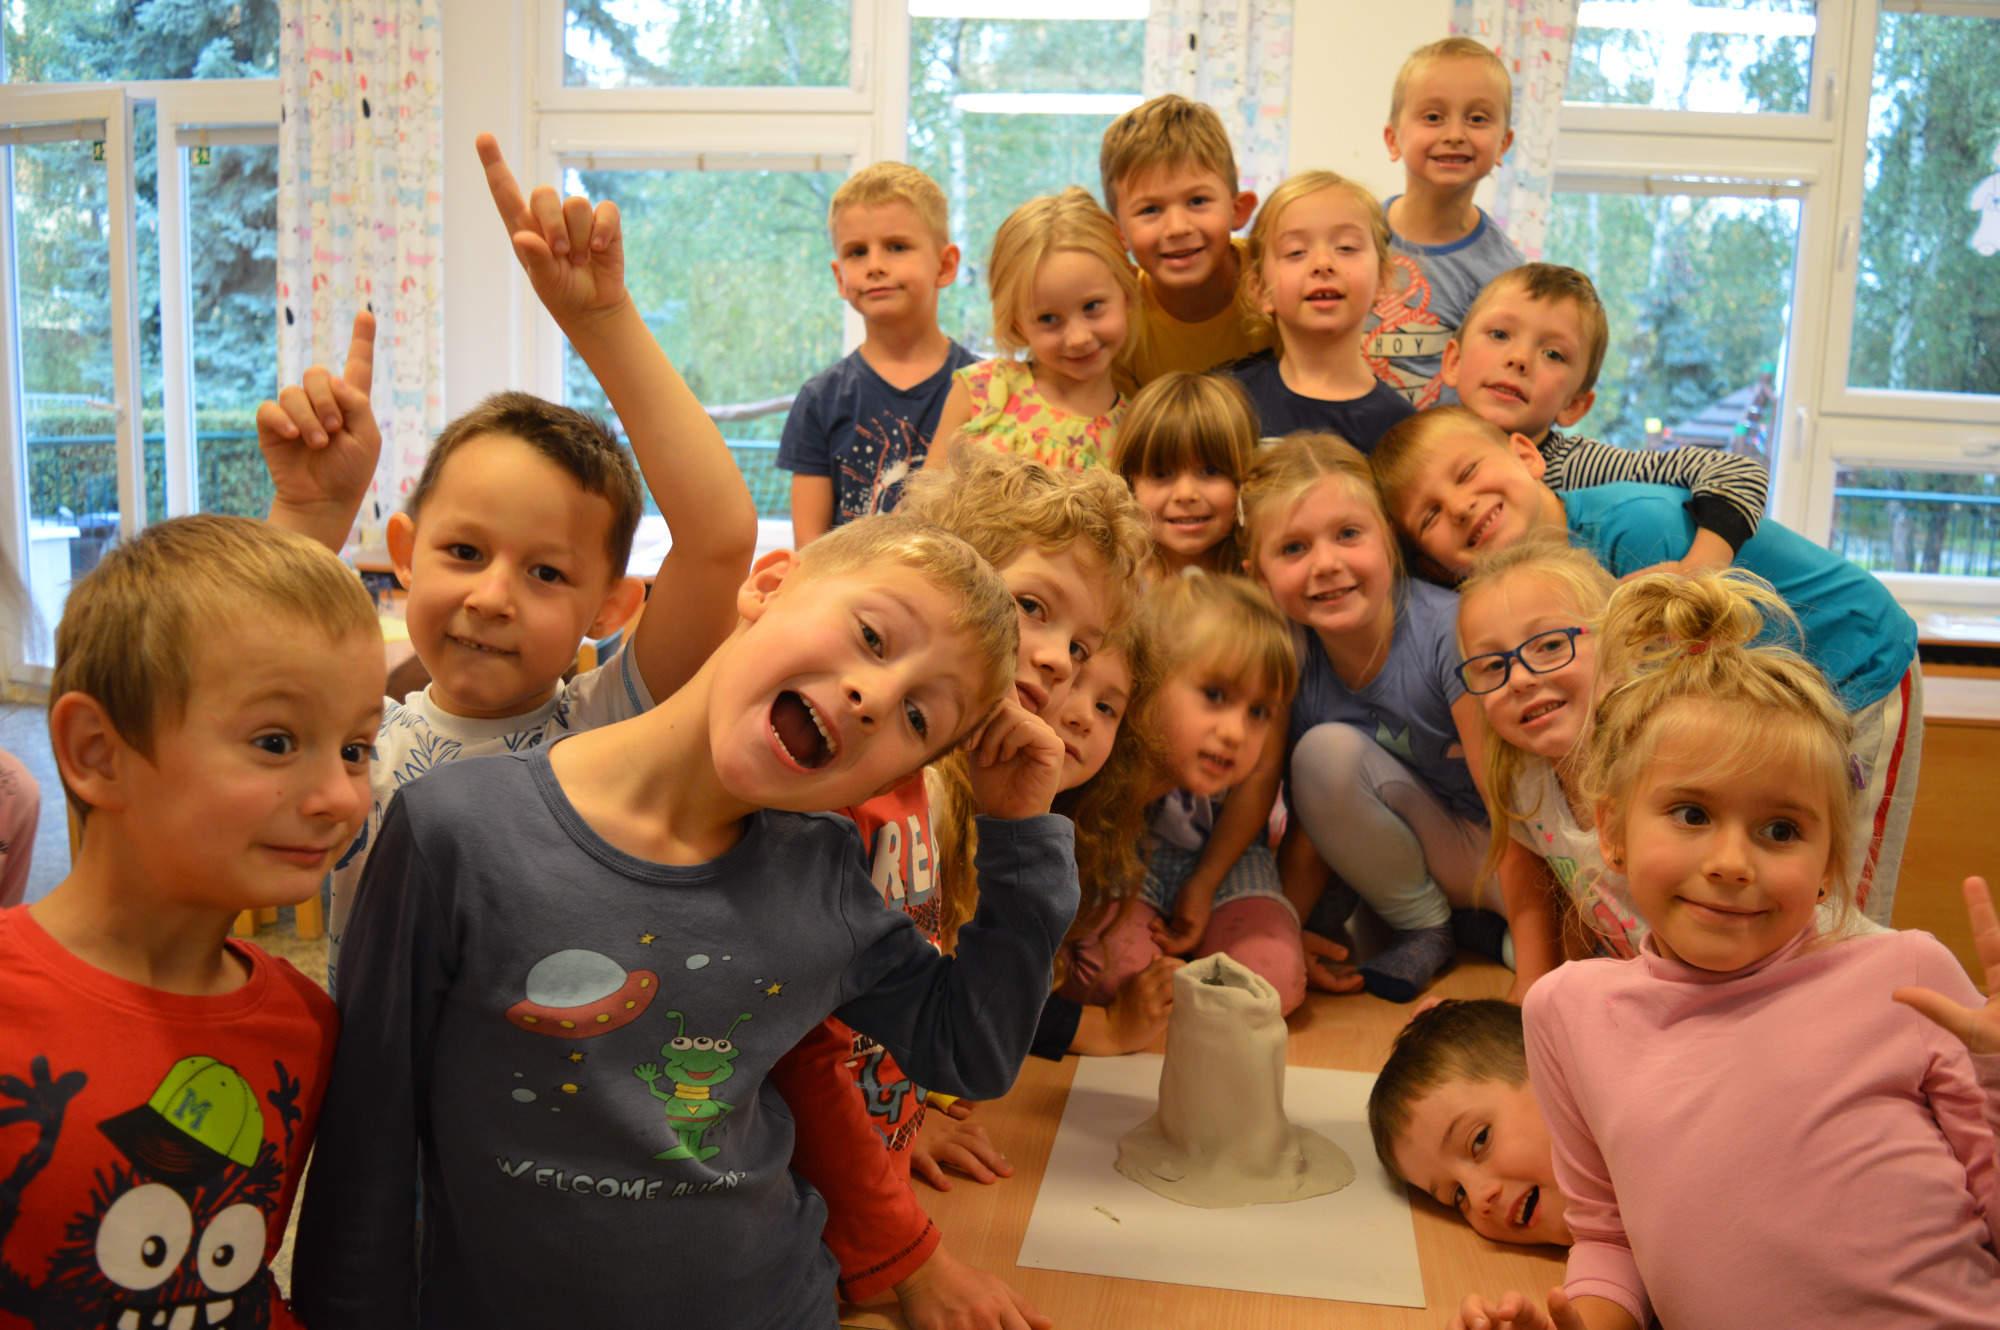 skupina smějících se dětí ve třídě